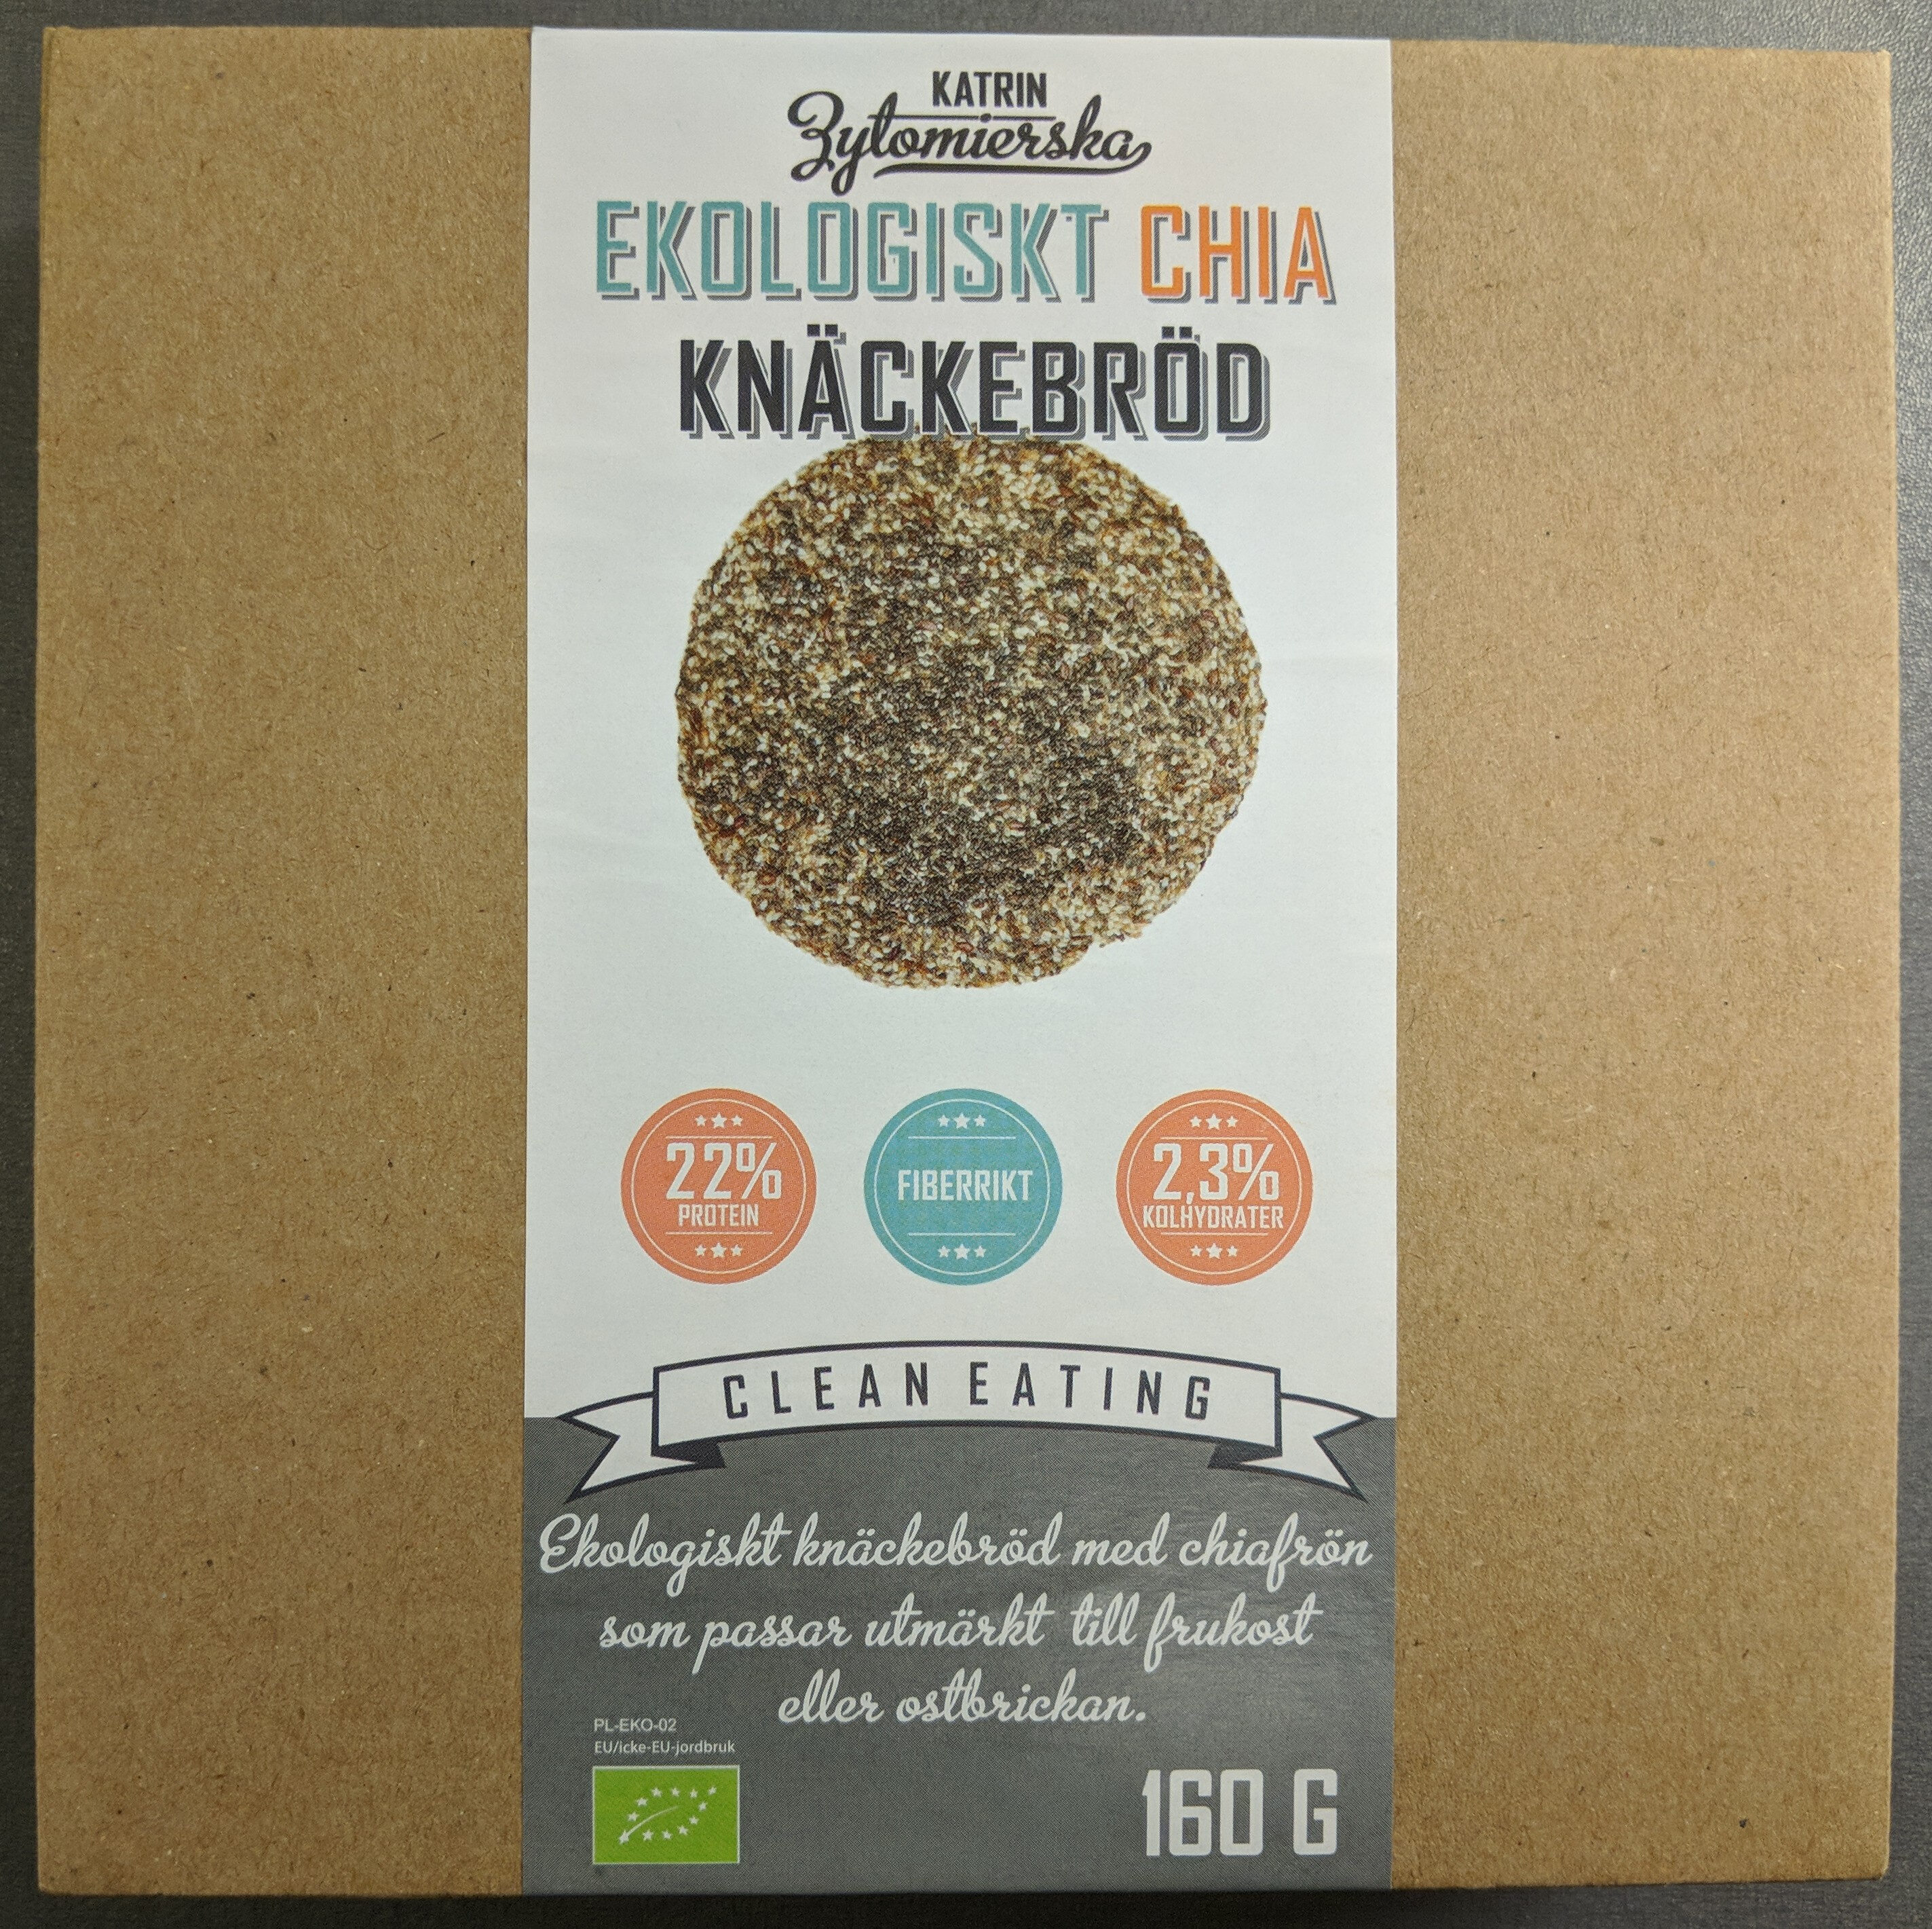 Ekologiskt Chia Knäckebröd - Product - sv